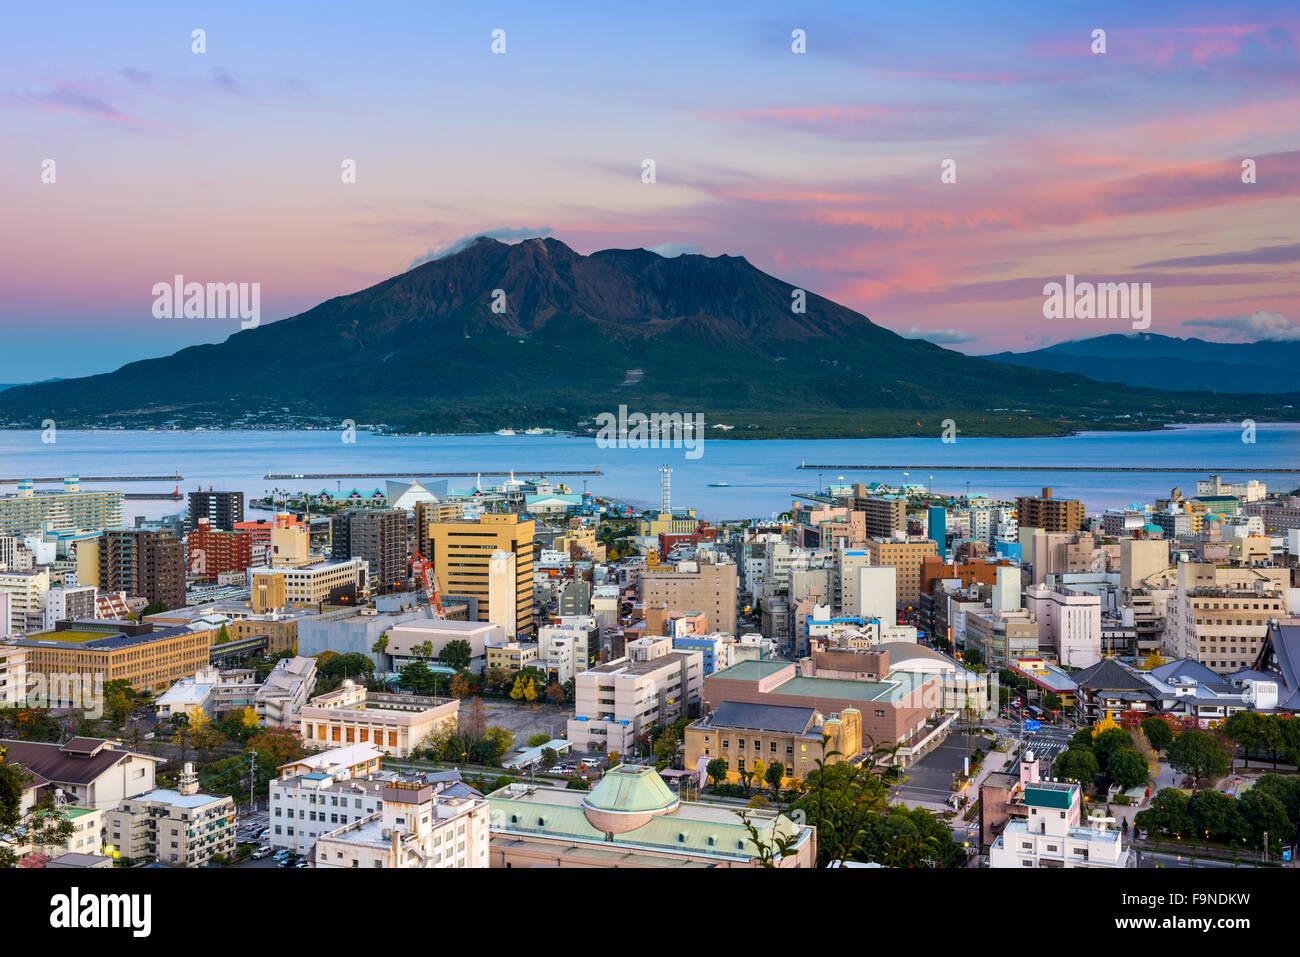 Kagoshima, Japan Stadt Skyline mit Vulkan Sakurajima. Stockbild